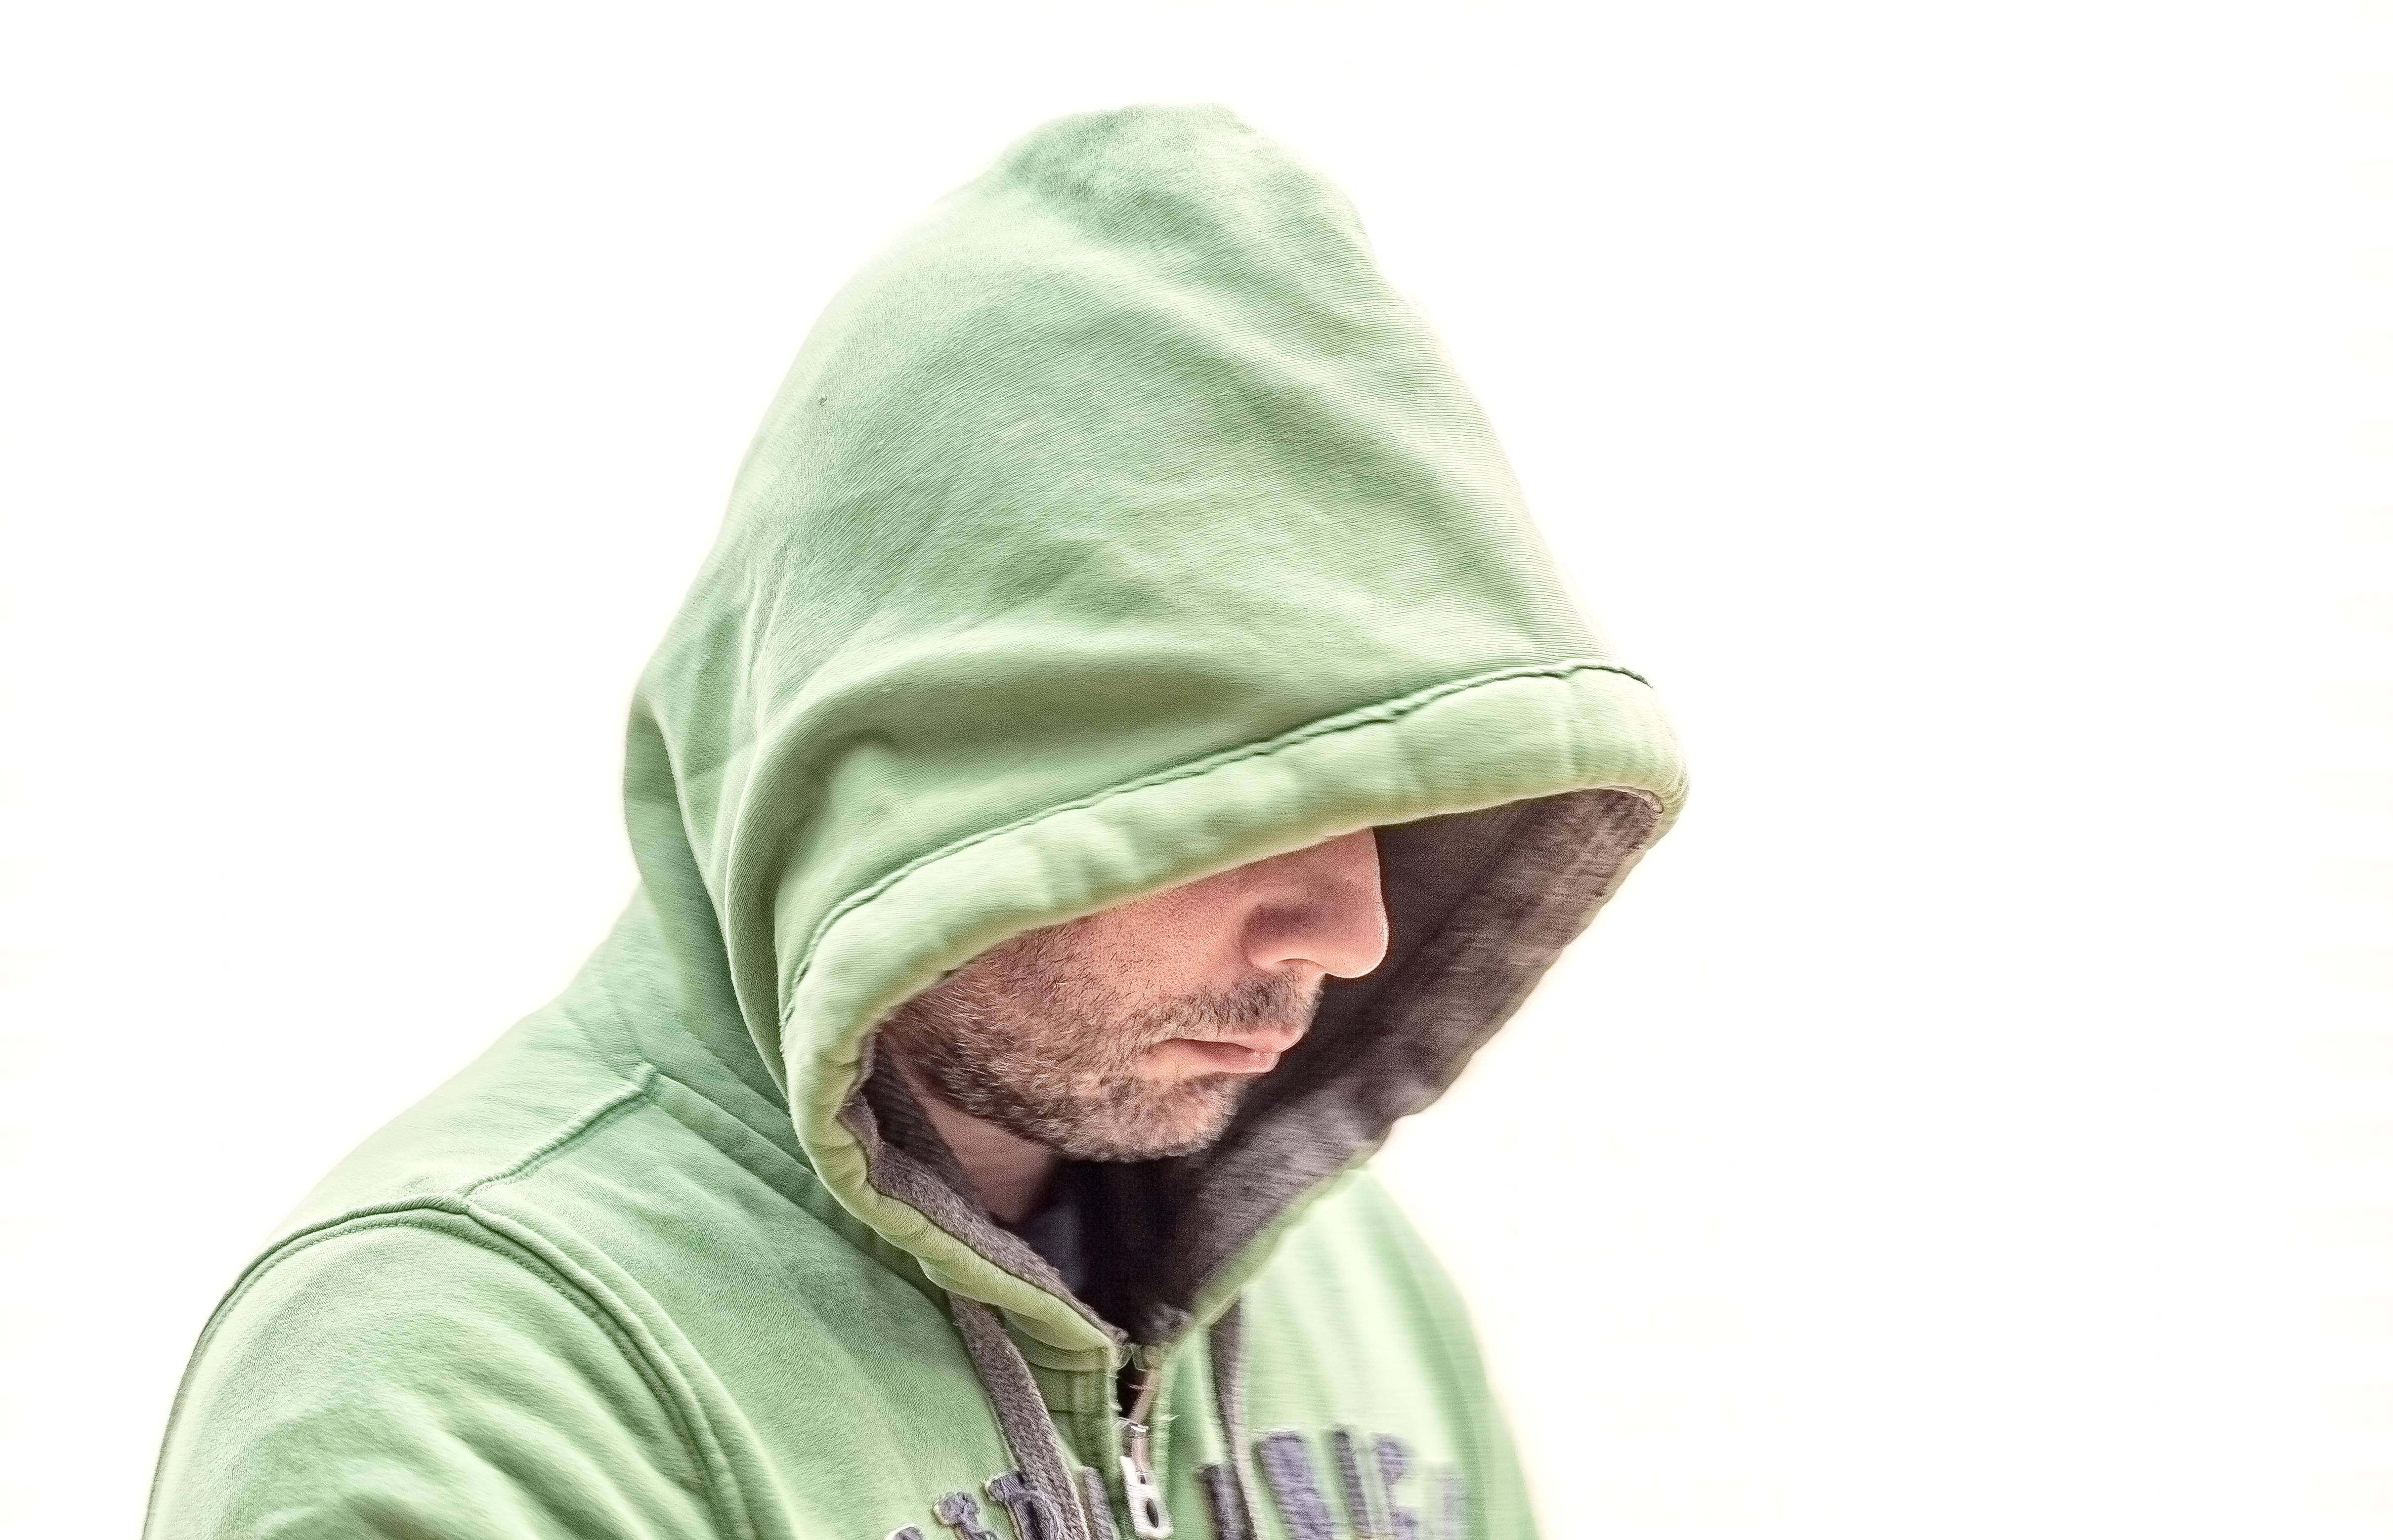 05c1472791af7 Mann person kald grønn hatt klær hodeplagg beanie tekstil lokk drakt  motetilbehør strikke lue